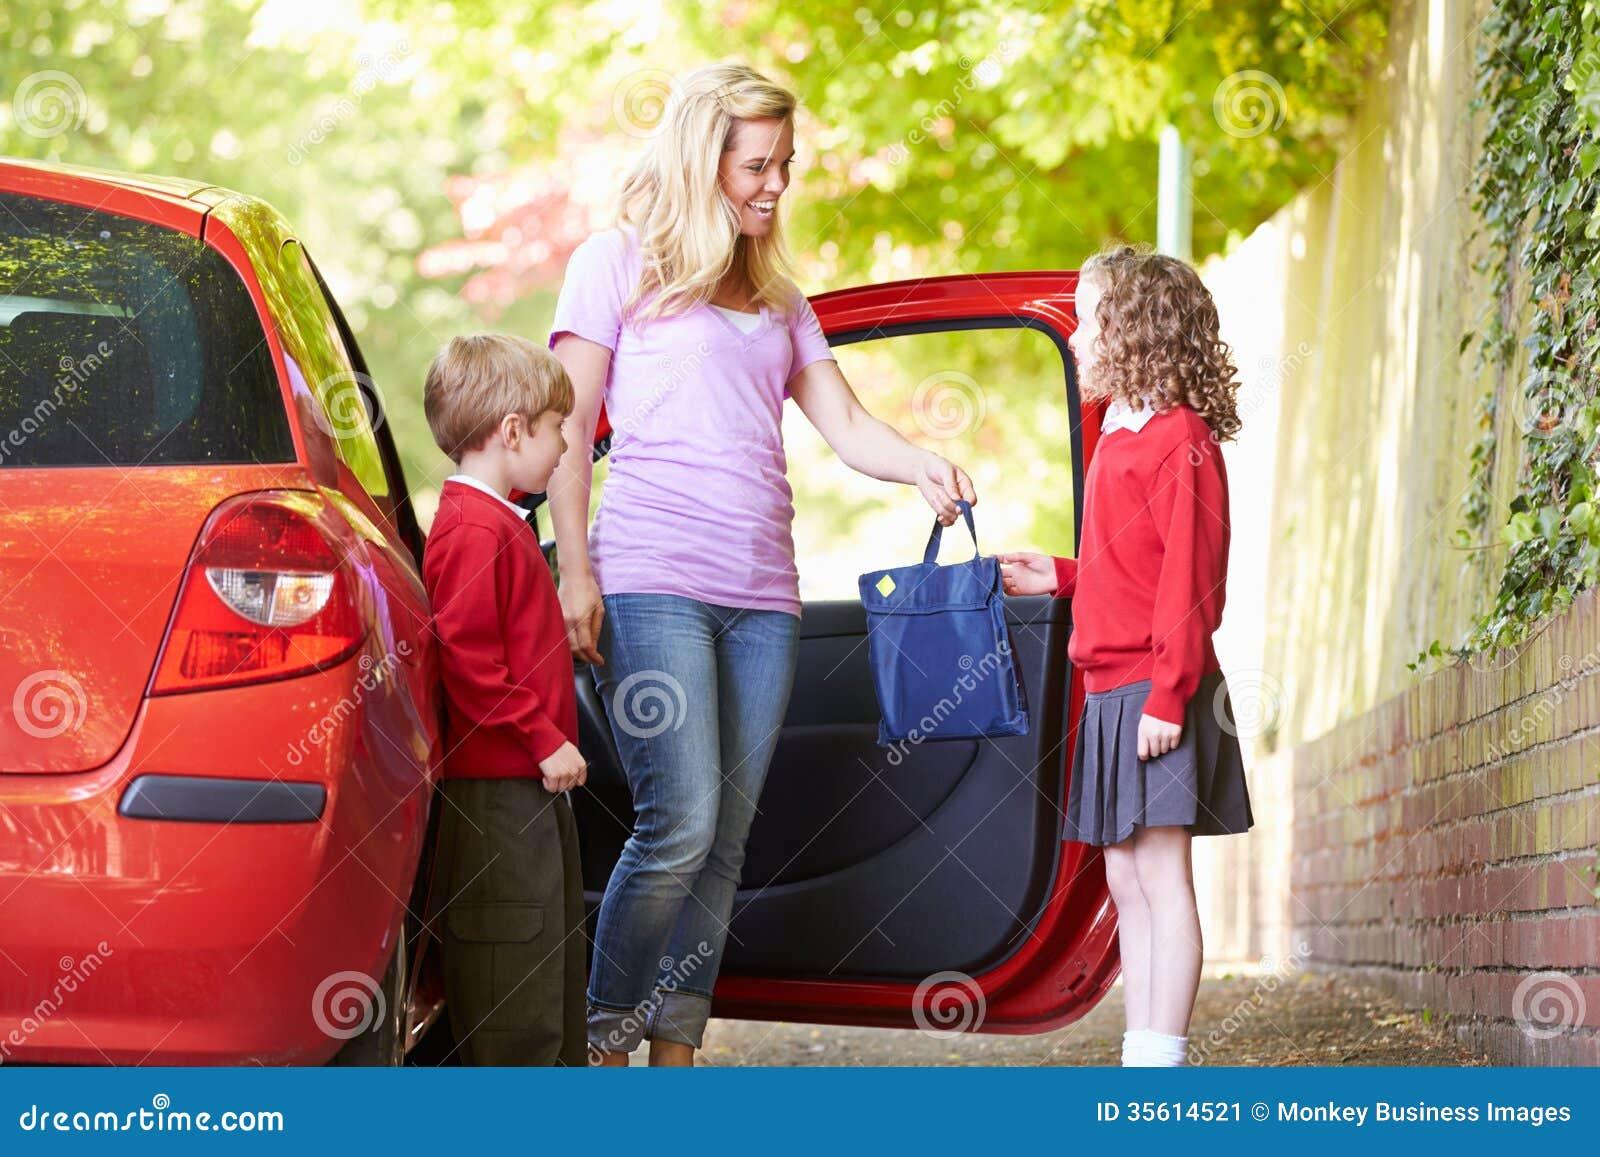 Mutter, die zur Schule mit Kindern fährt